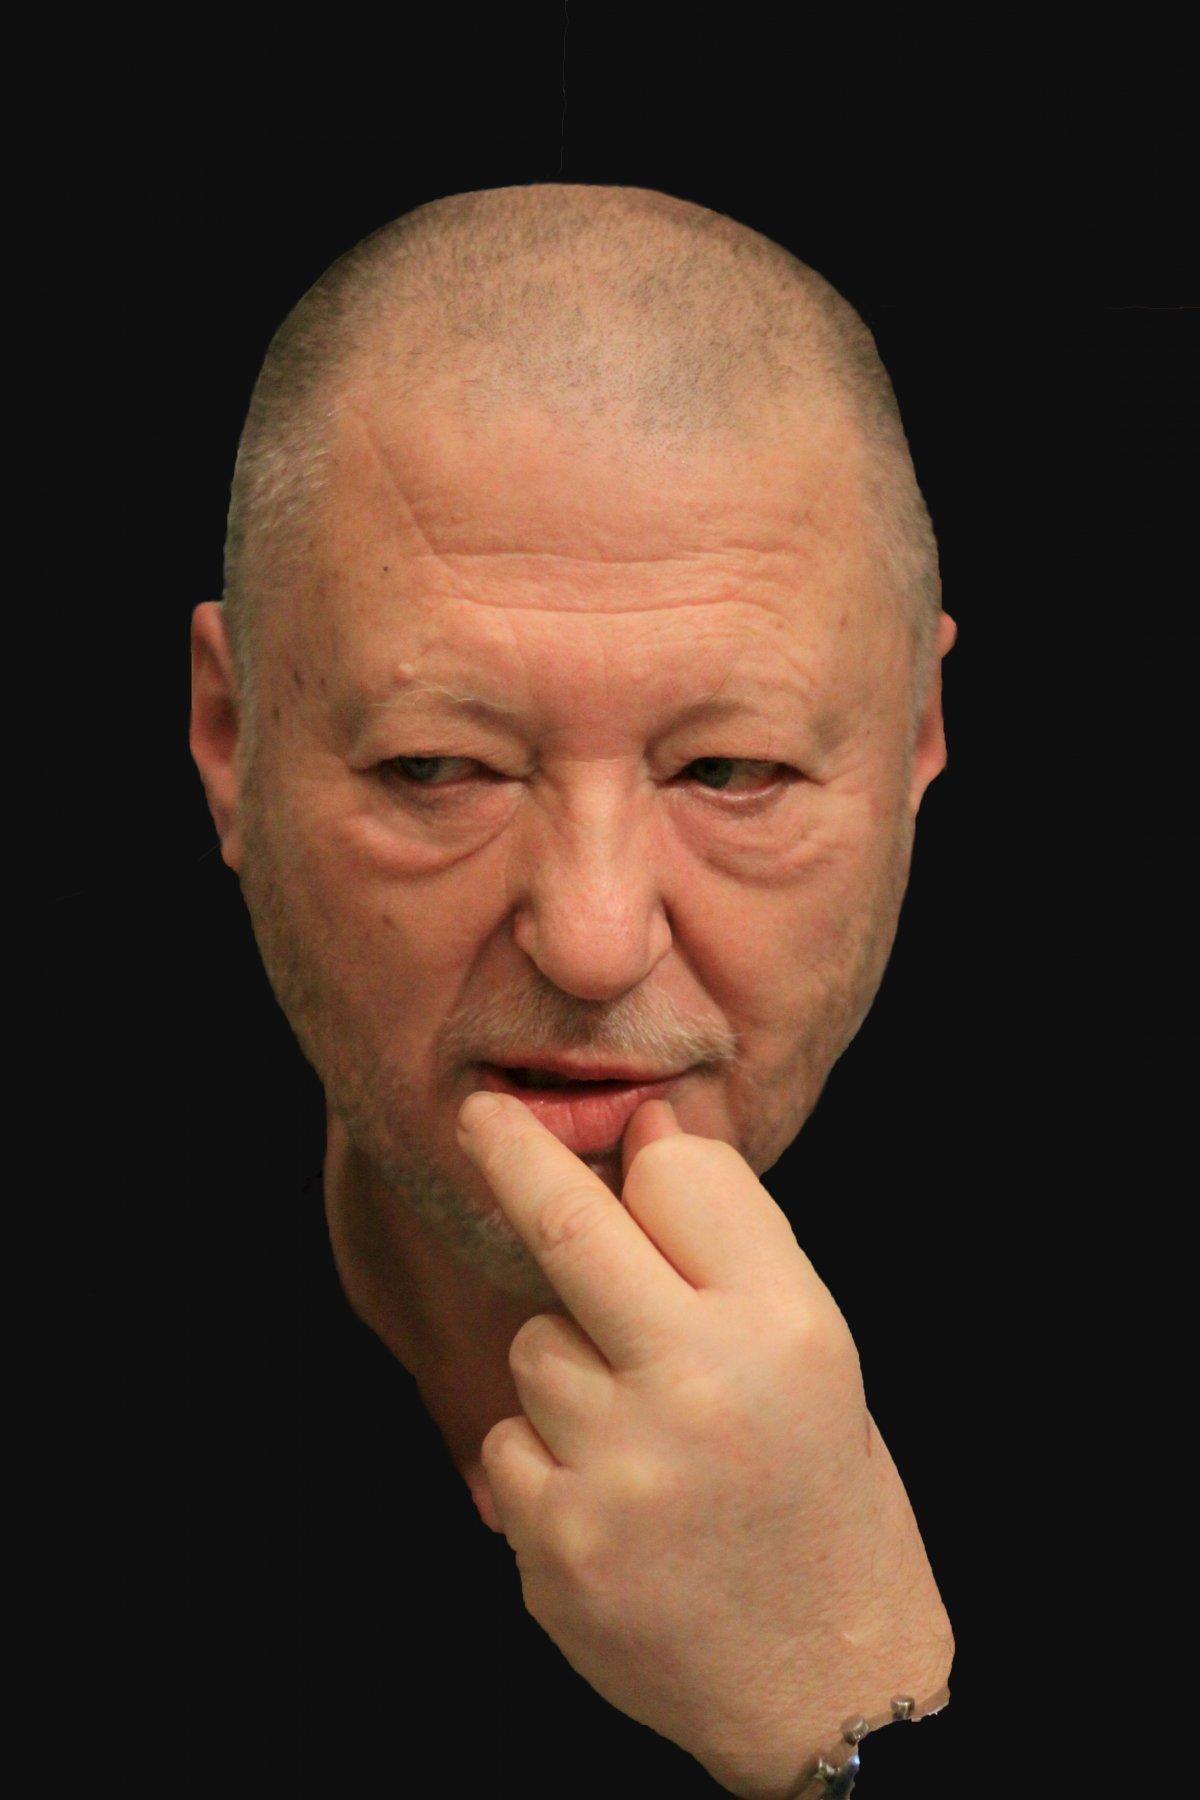 portrait_umanskiy_sascha.jpg